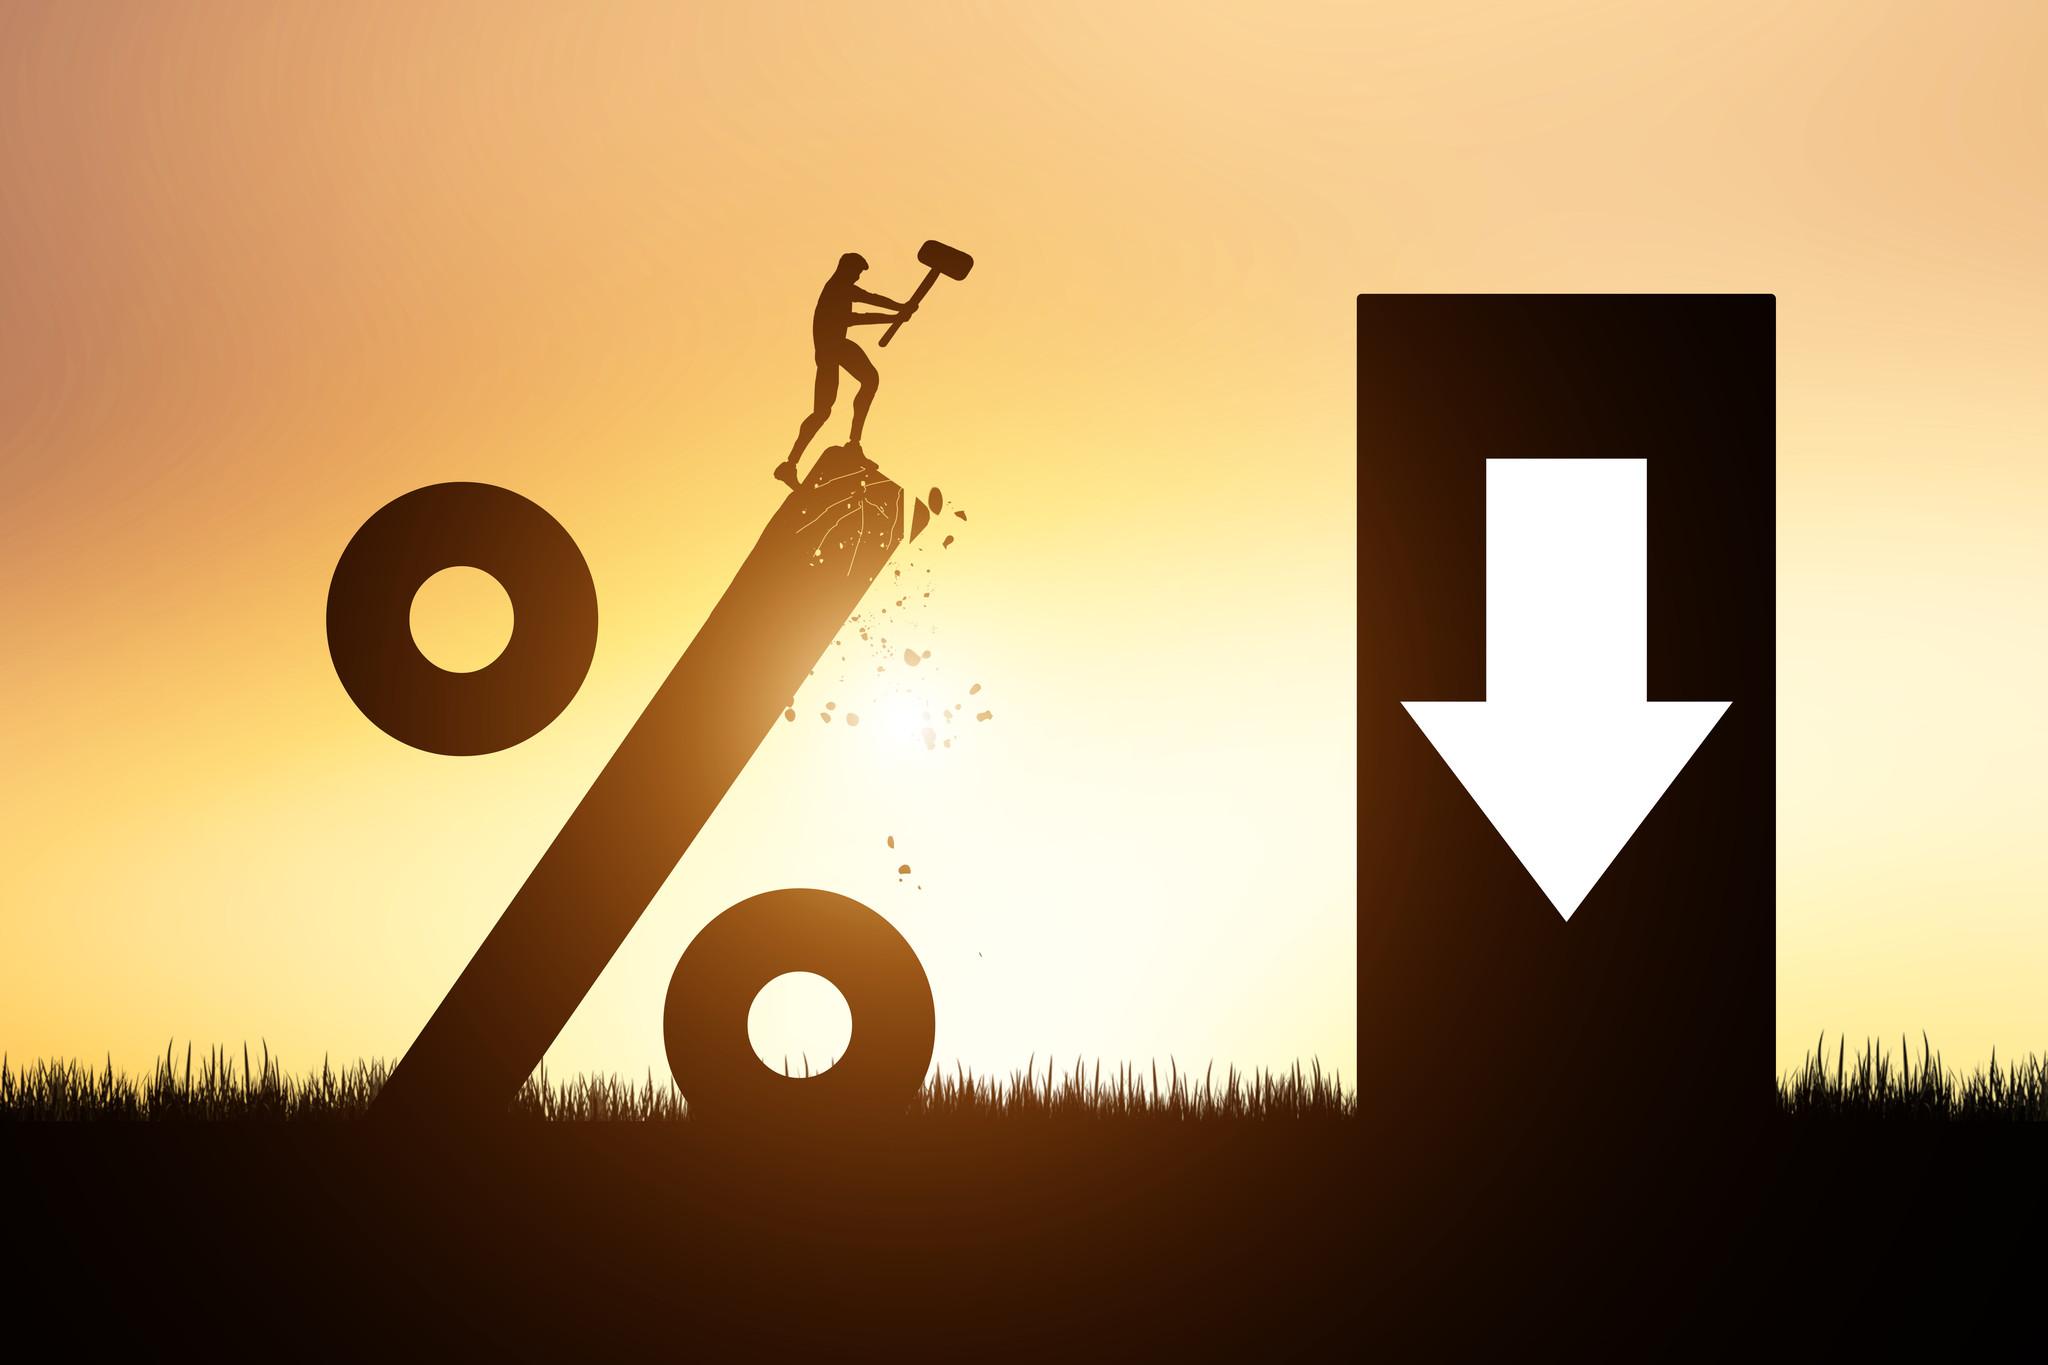 茂化石化去年净利预减超7成  公司:今年生产经营将稳步推进